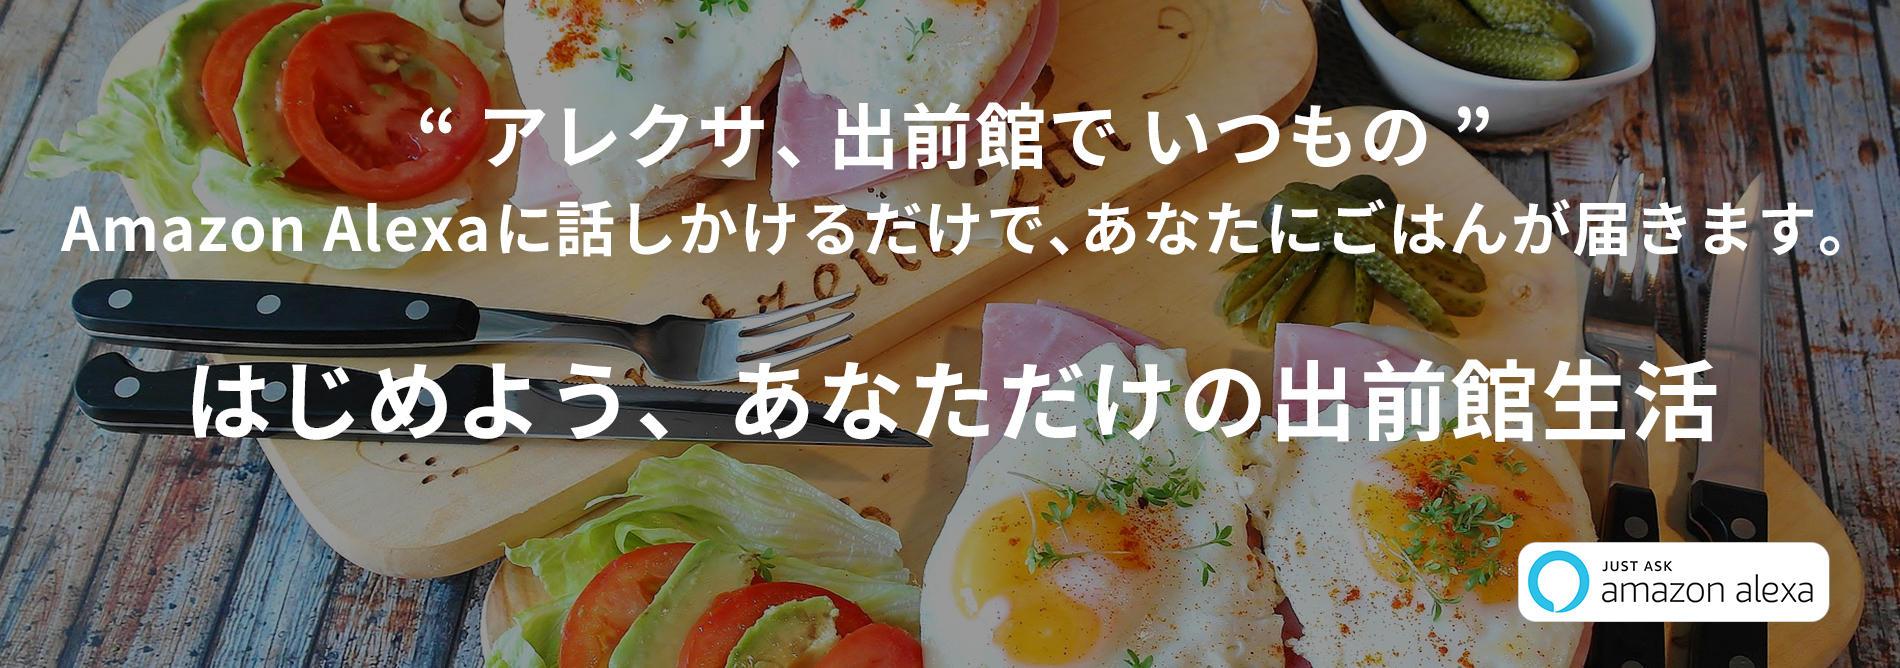 FV_pc.jpg